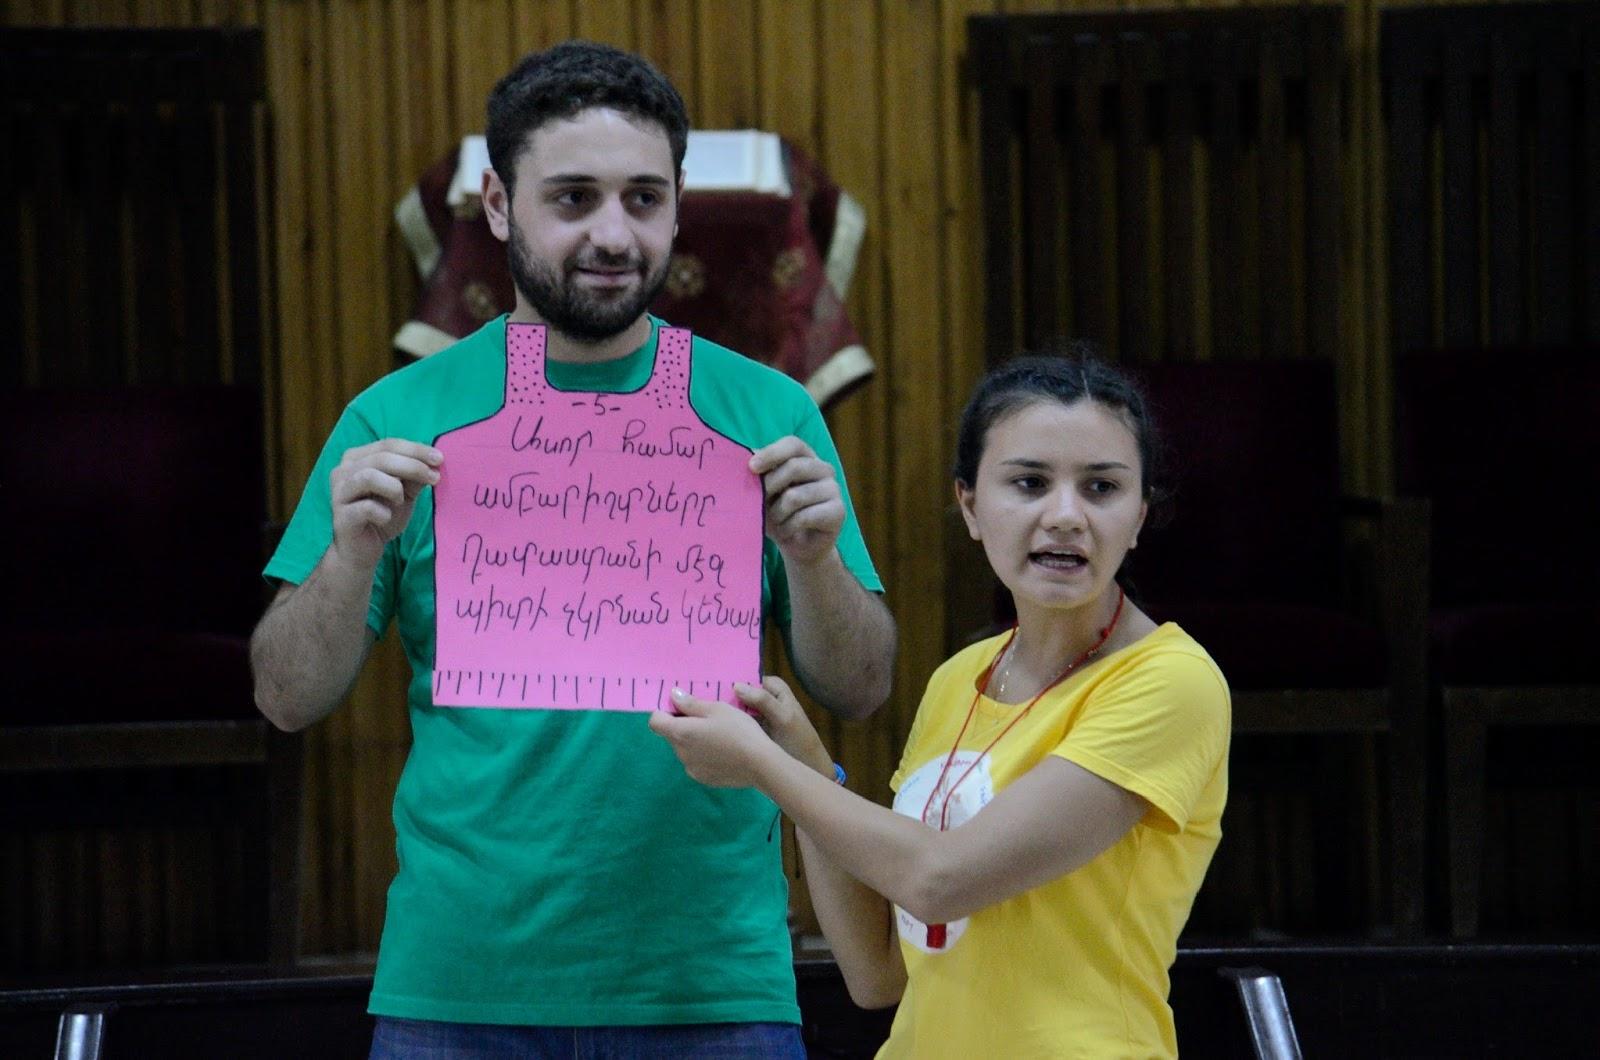 Haig, 21, Aleppo, Syria